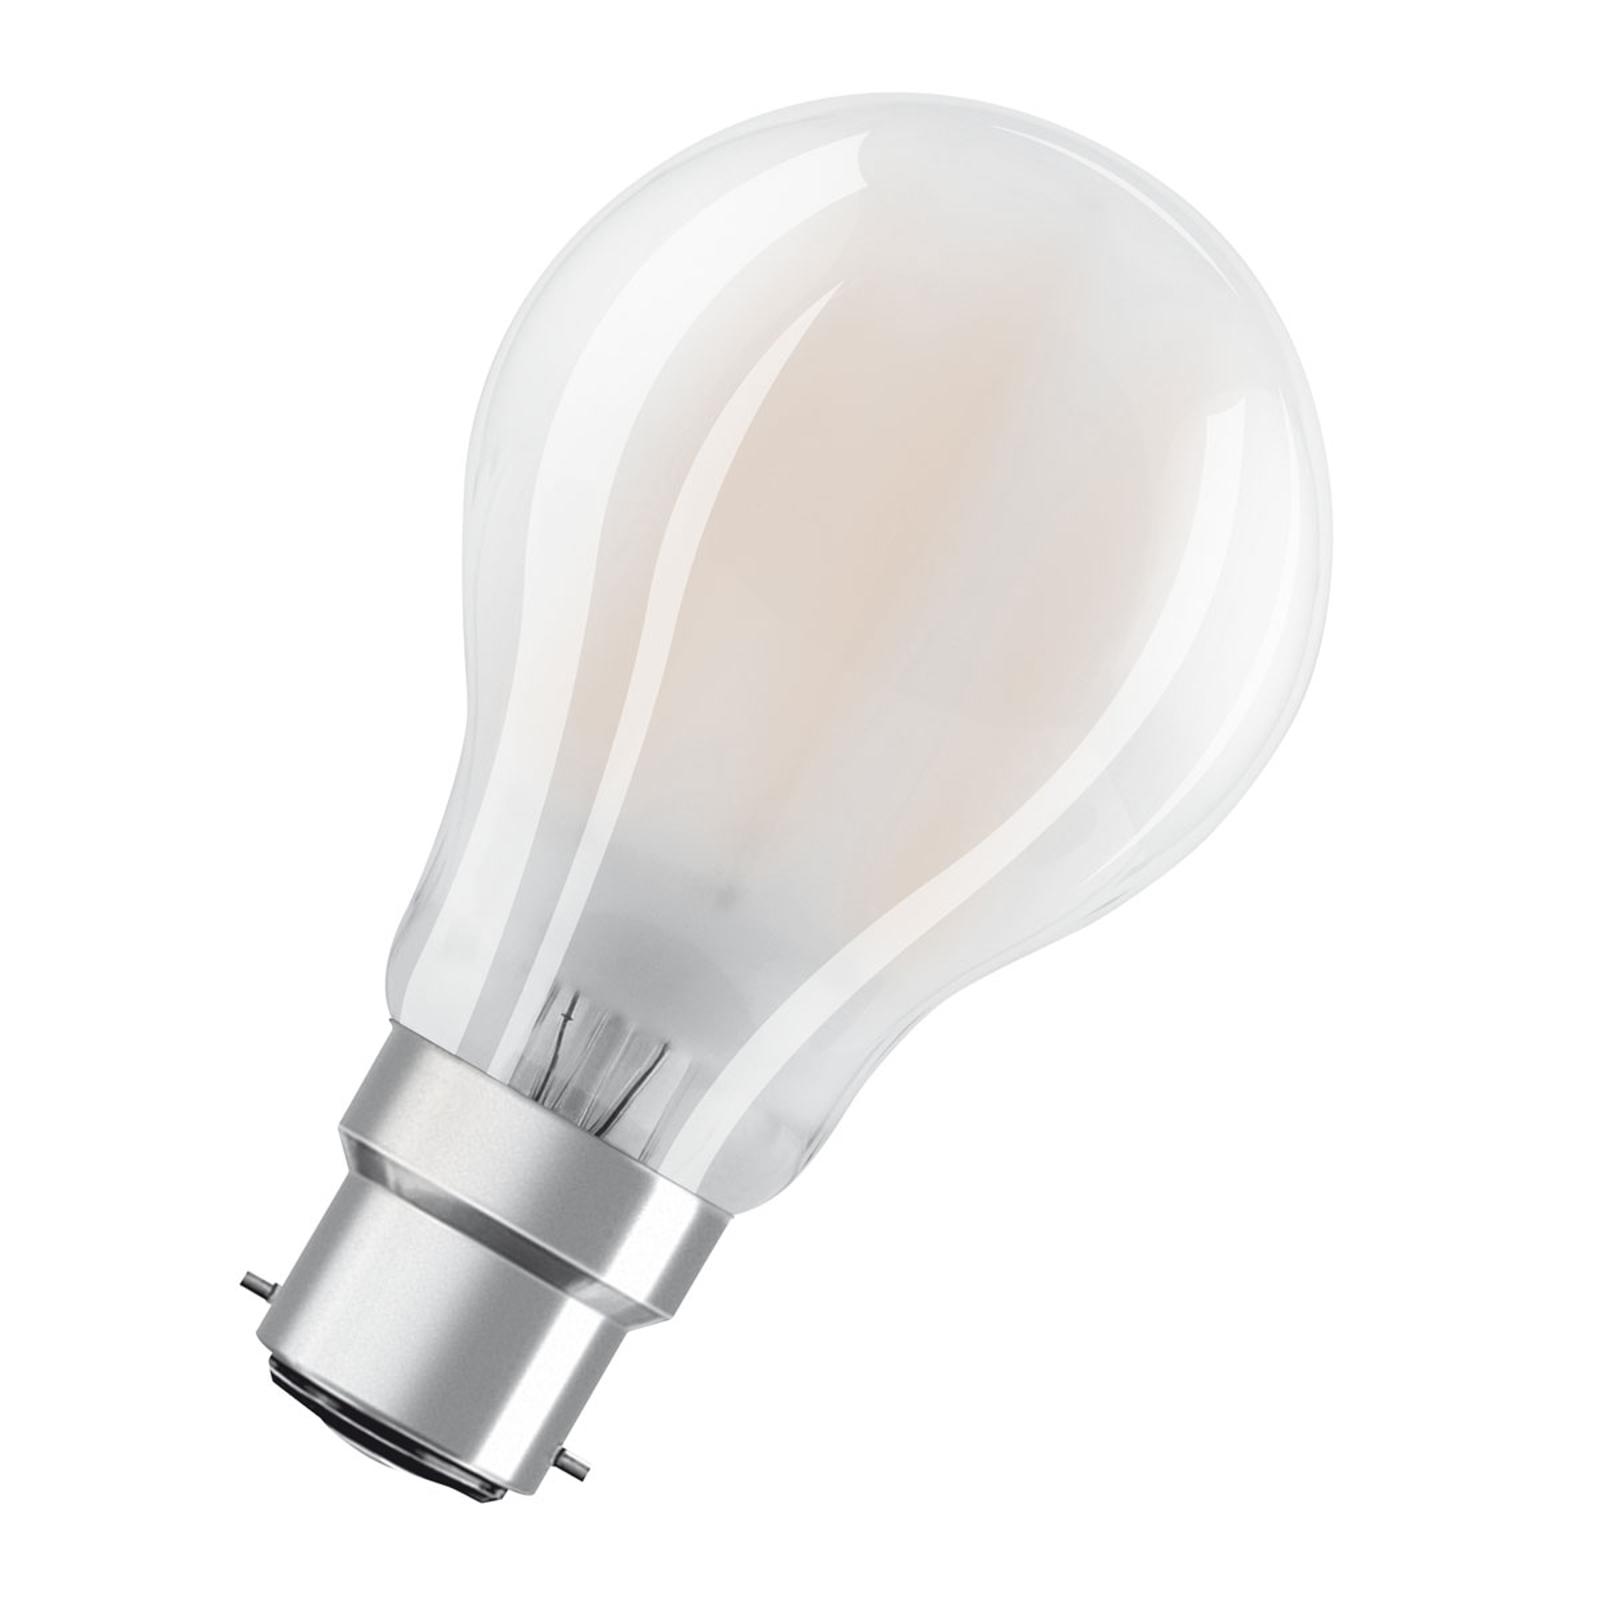 OSRAM LED-Lampe B22d Classic 827 7W dimmbar matt